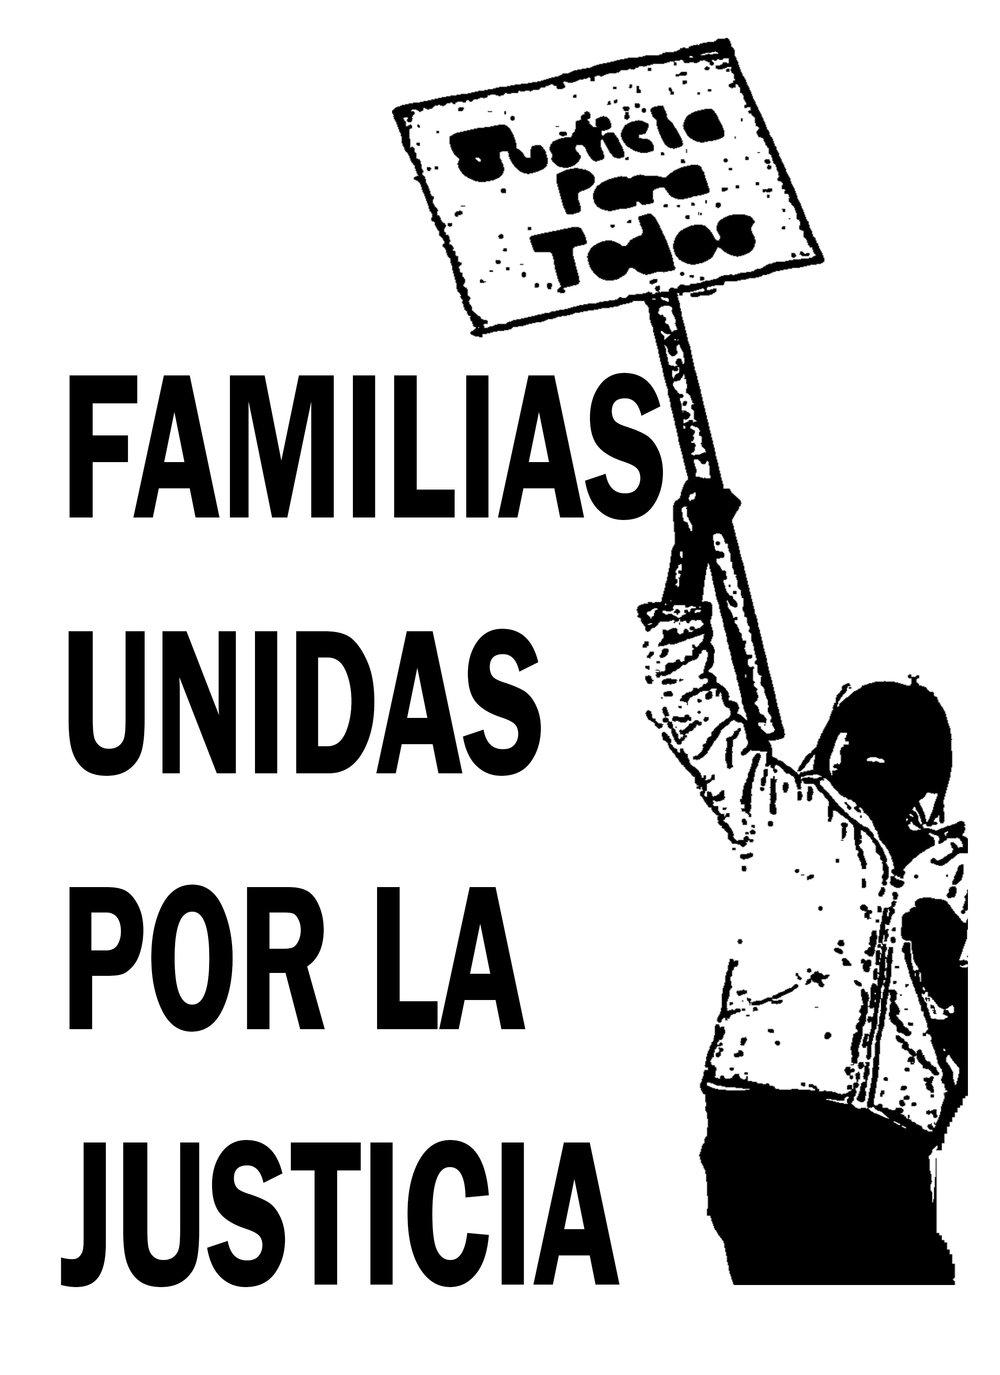 justicia-para-todos-1.jpg